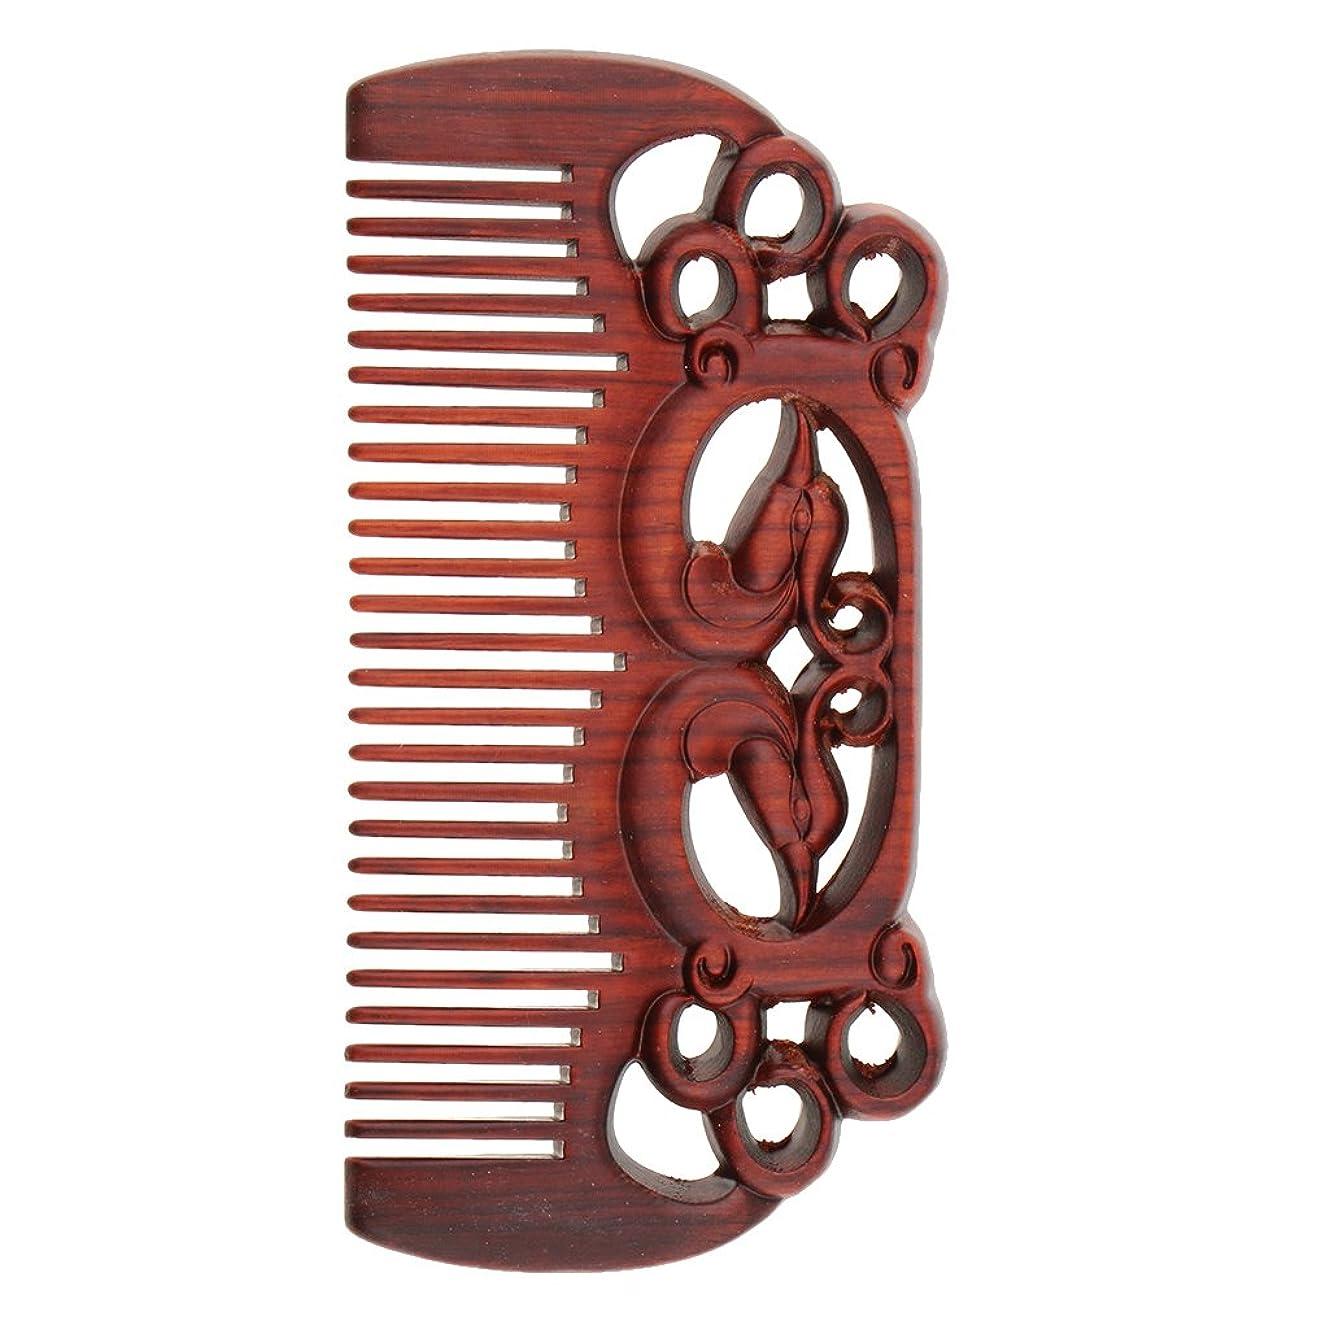 シャー浮く短くするPerfeclan ウッドコーム 天然木製 高品質 木製櫛 ワイド歯 ヘアブラシ ヘアスタイリング ヘアコーム 2タイプ選べる - #1